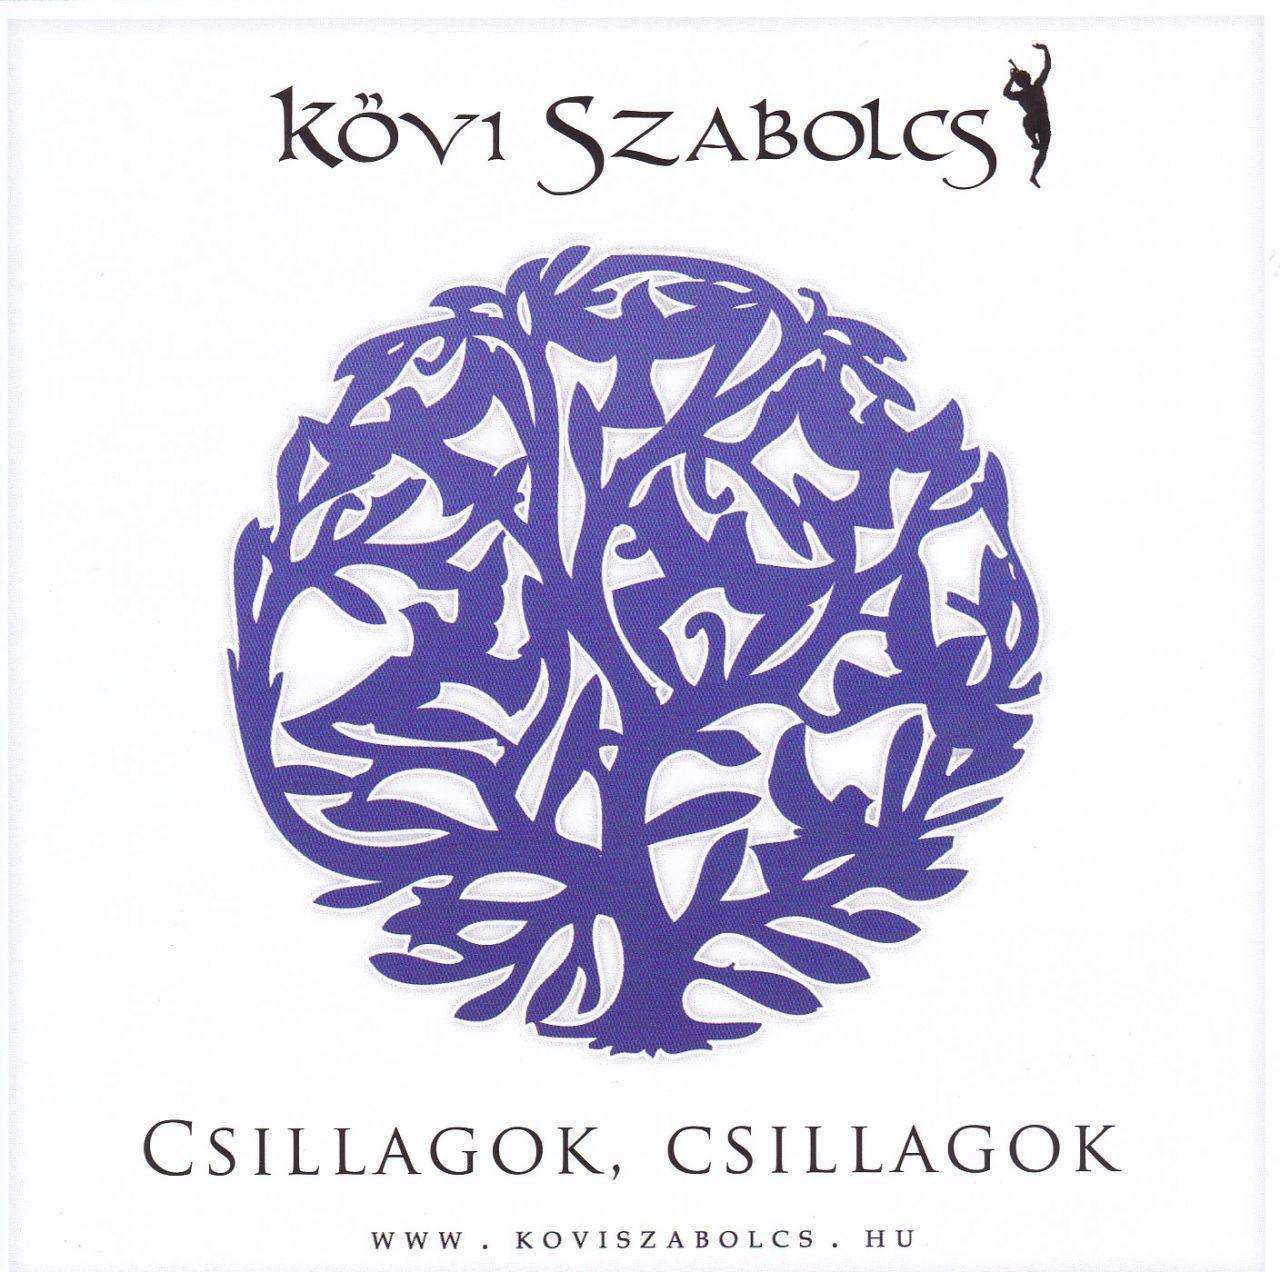 Kövi Szabolcs: Csillagok, csillagok (CD)